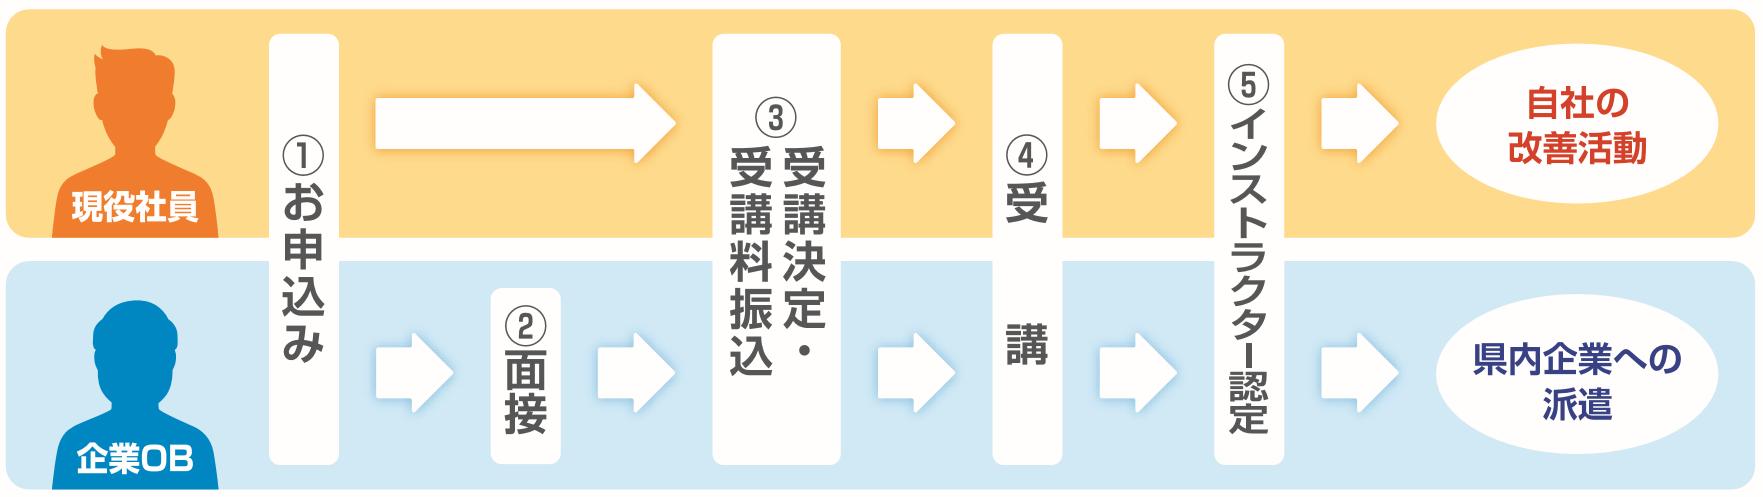 jinzai_images_ikuseizyuku_moushikomiflow